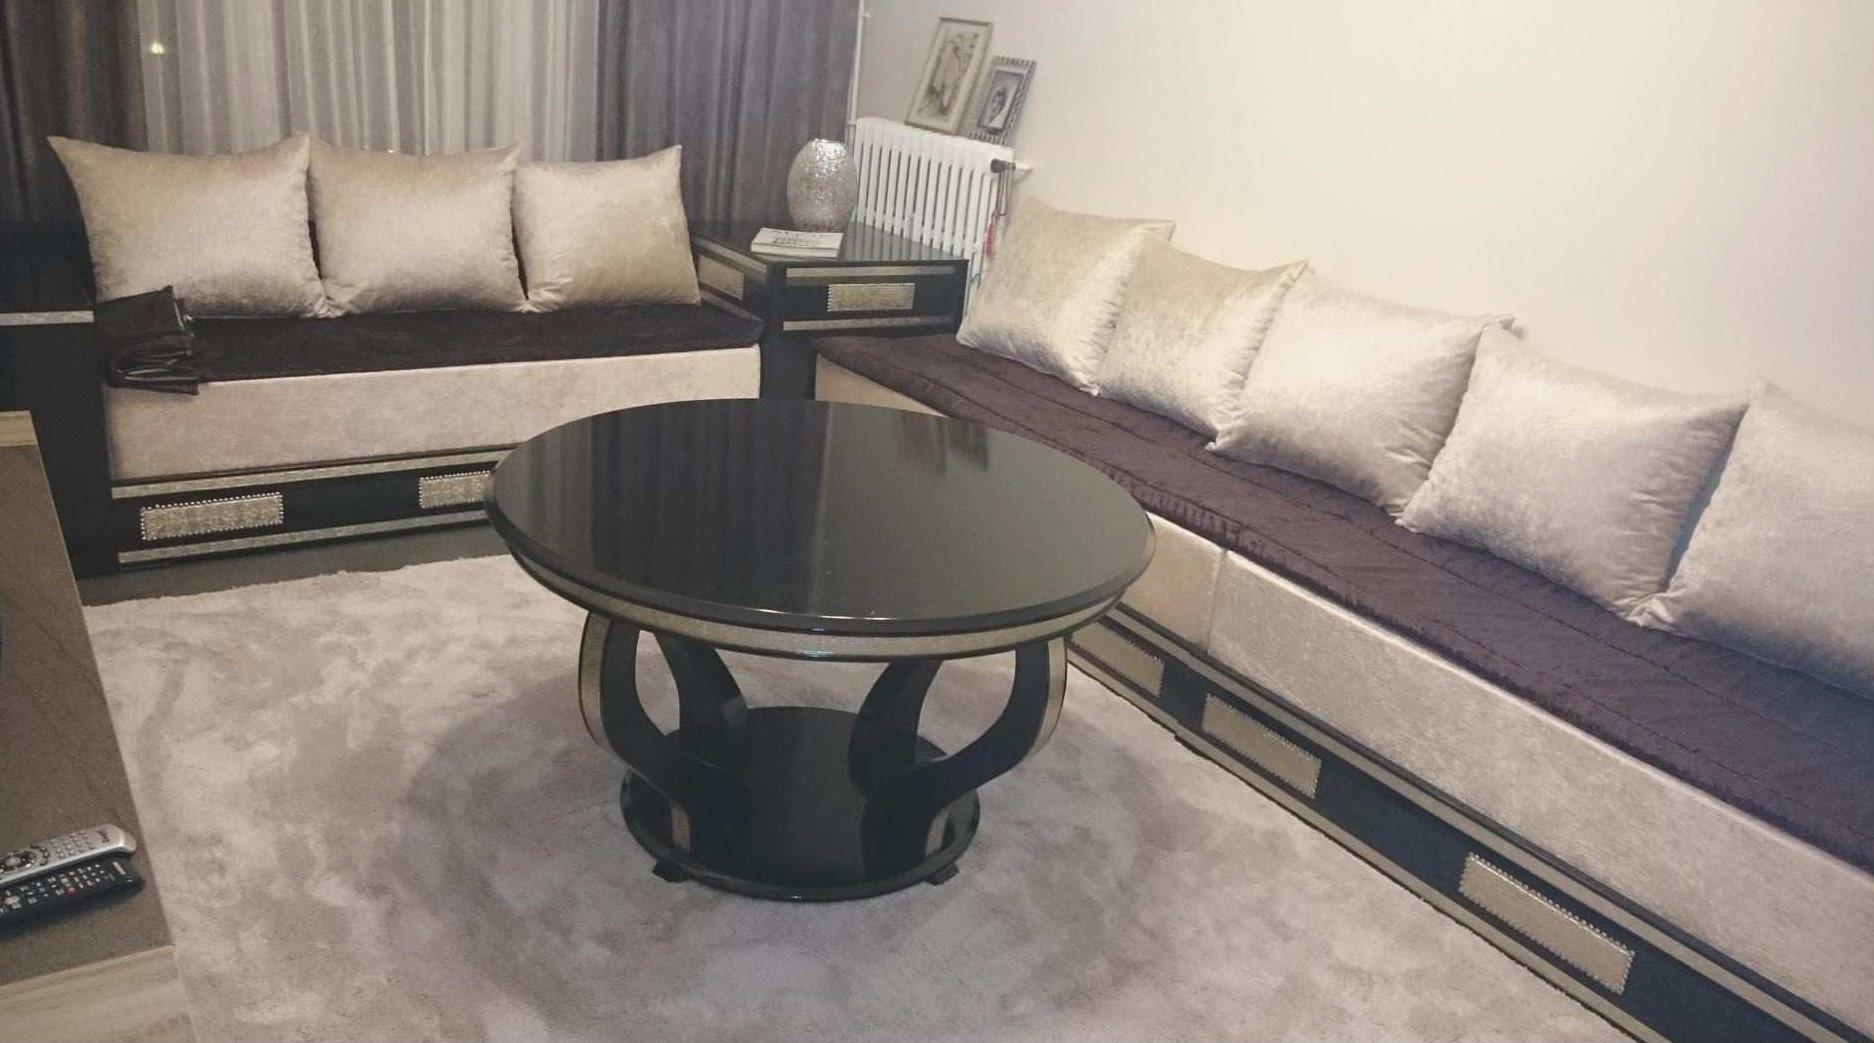 Tables pour salon marocain moderne 2019 - Déco Salon Maroc